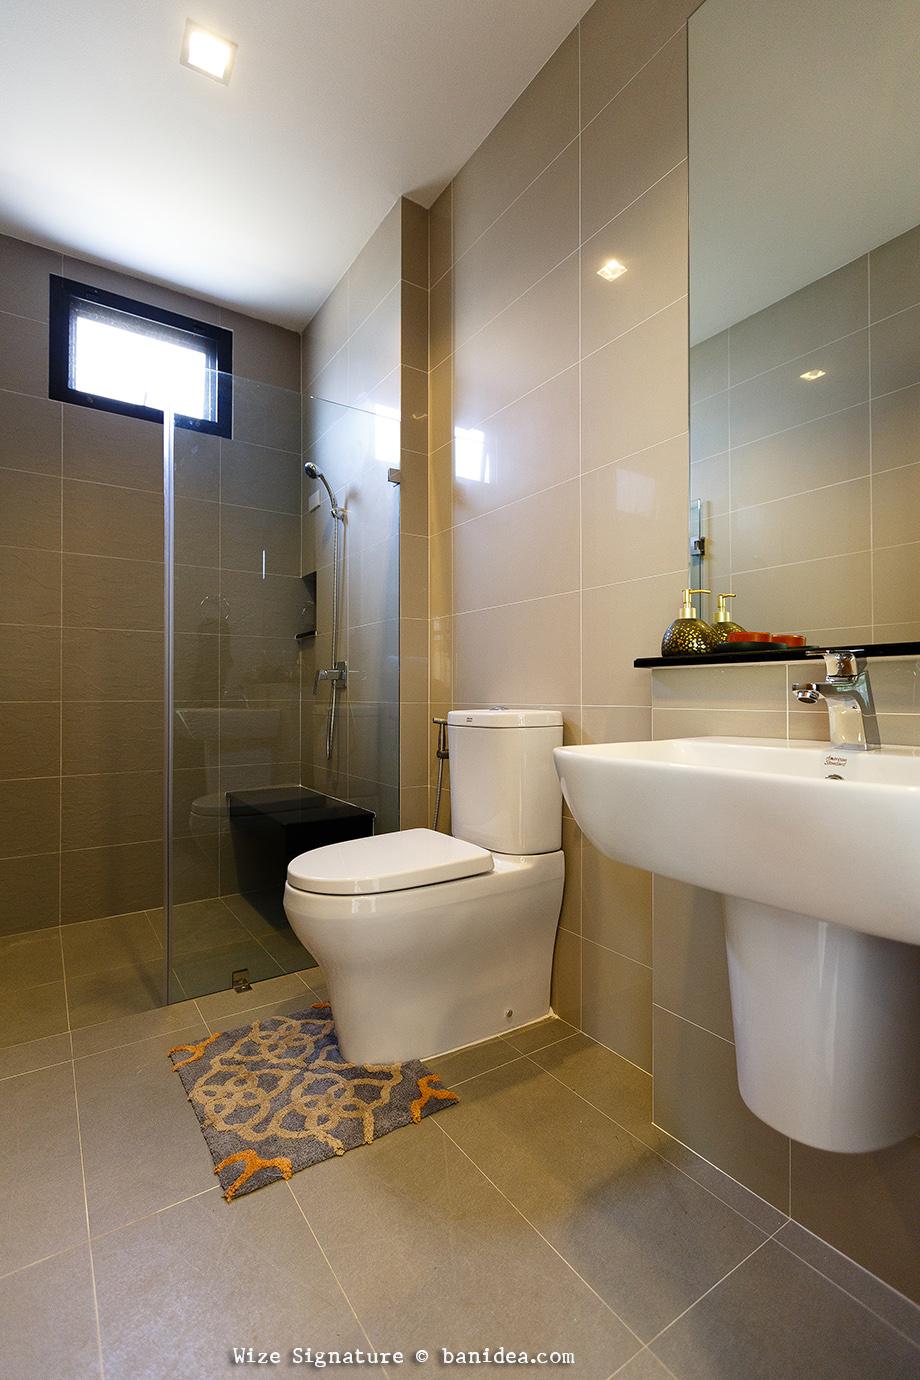 ห้องน้ำ ออกแบบรองรับผู้สูงอายุ